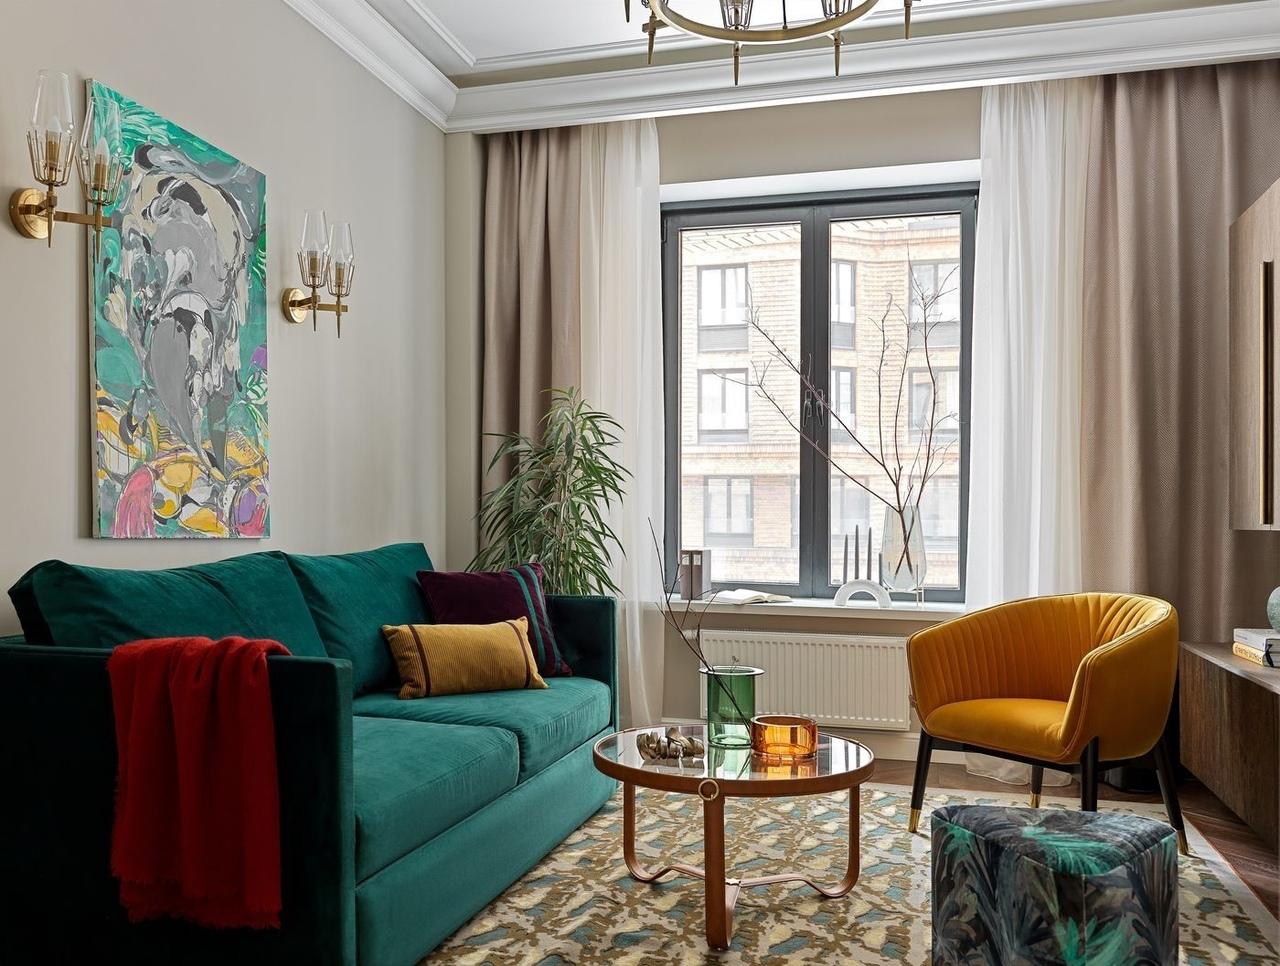 Счастливы вместе: квартира для трёх поколений от Натальи Завьяловой